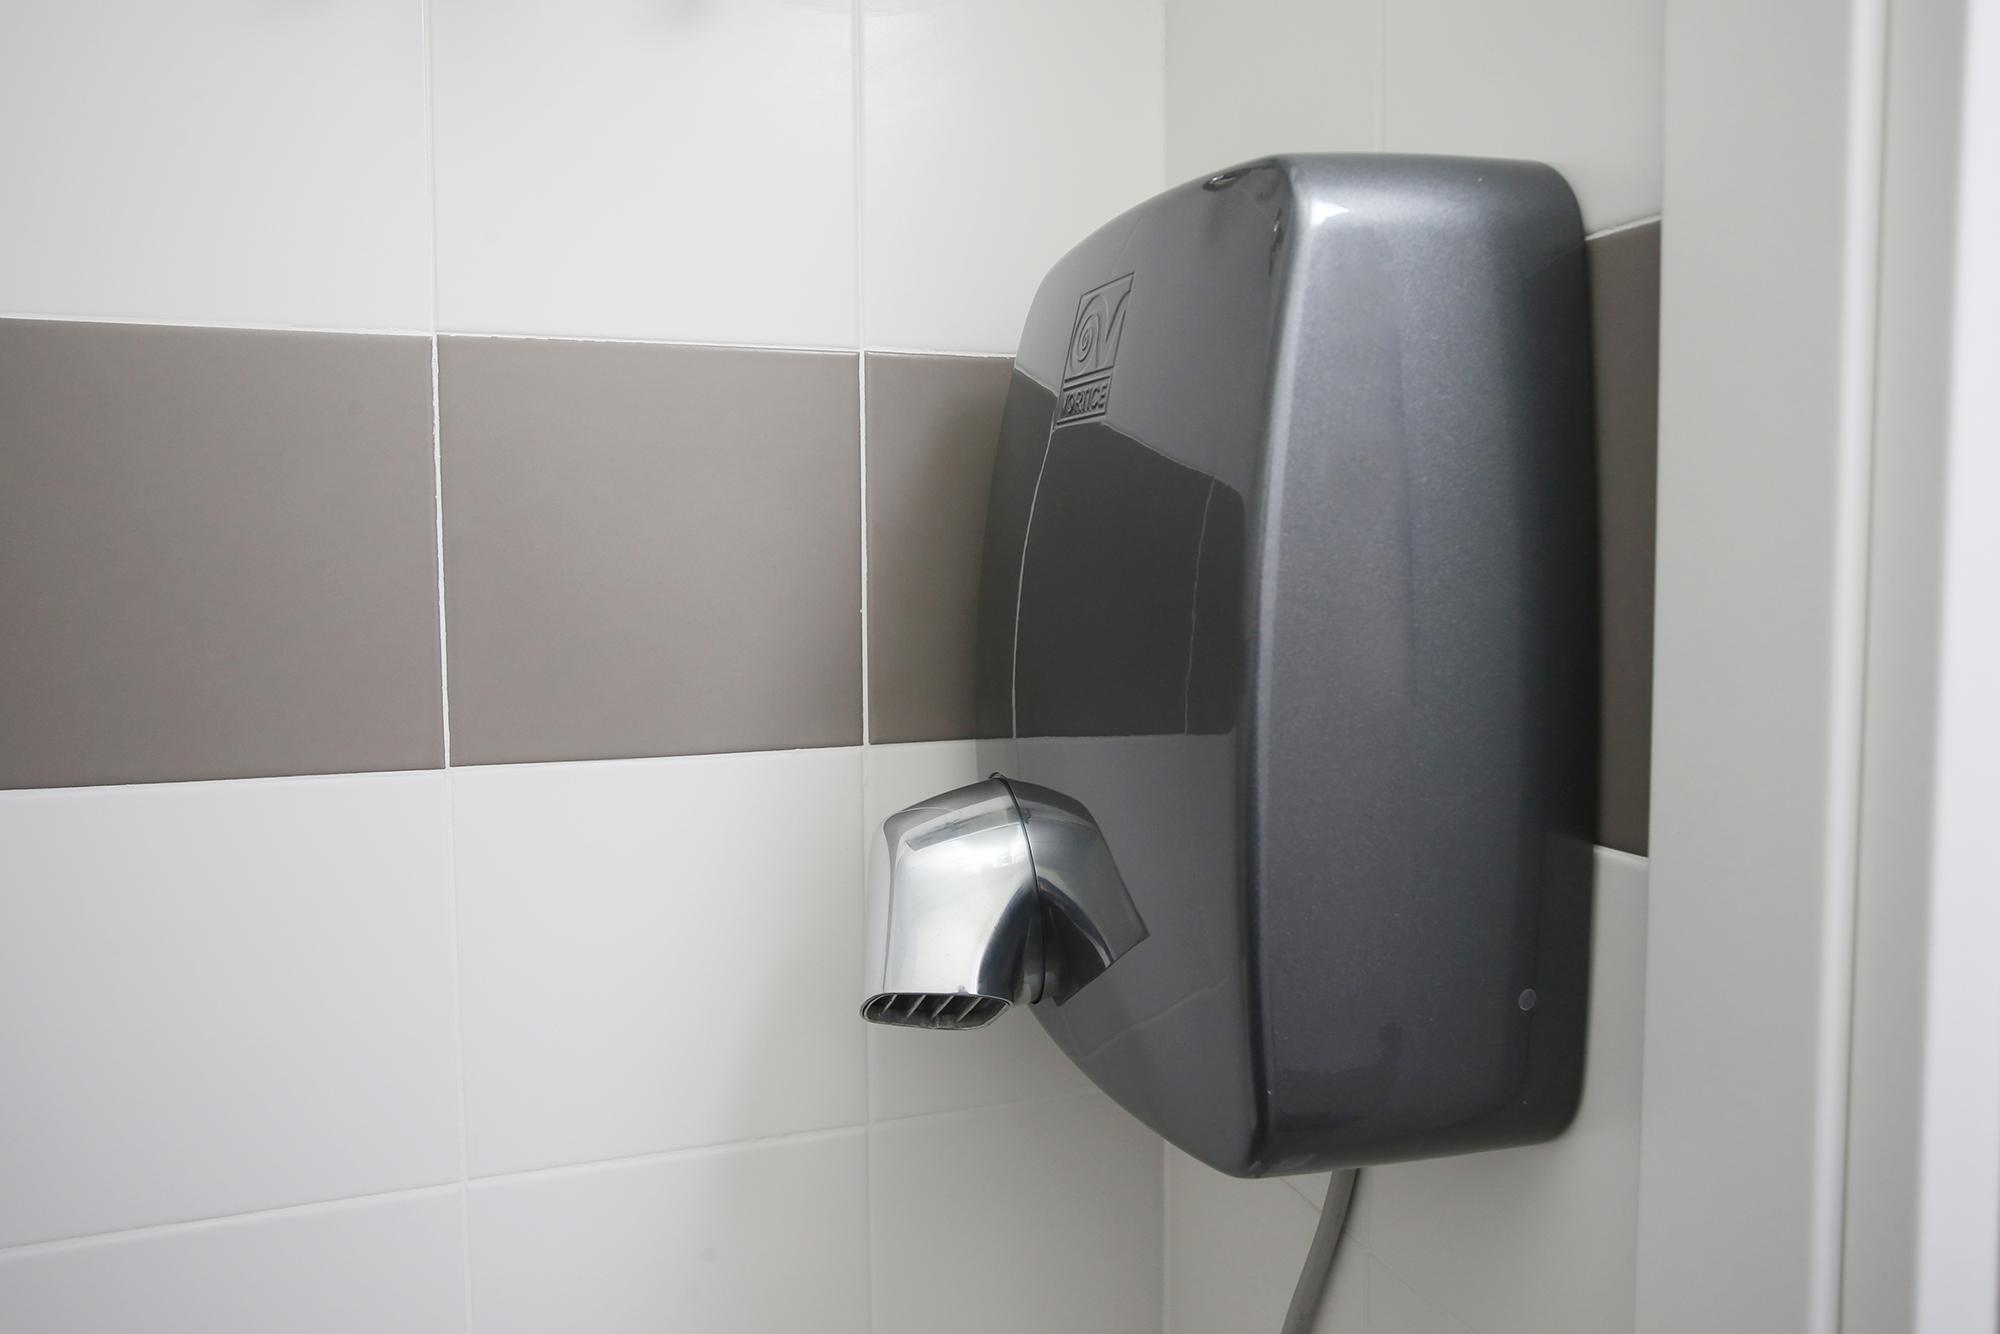 L'Asciugamani elettrico donato da Vortice S.p.a.